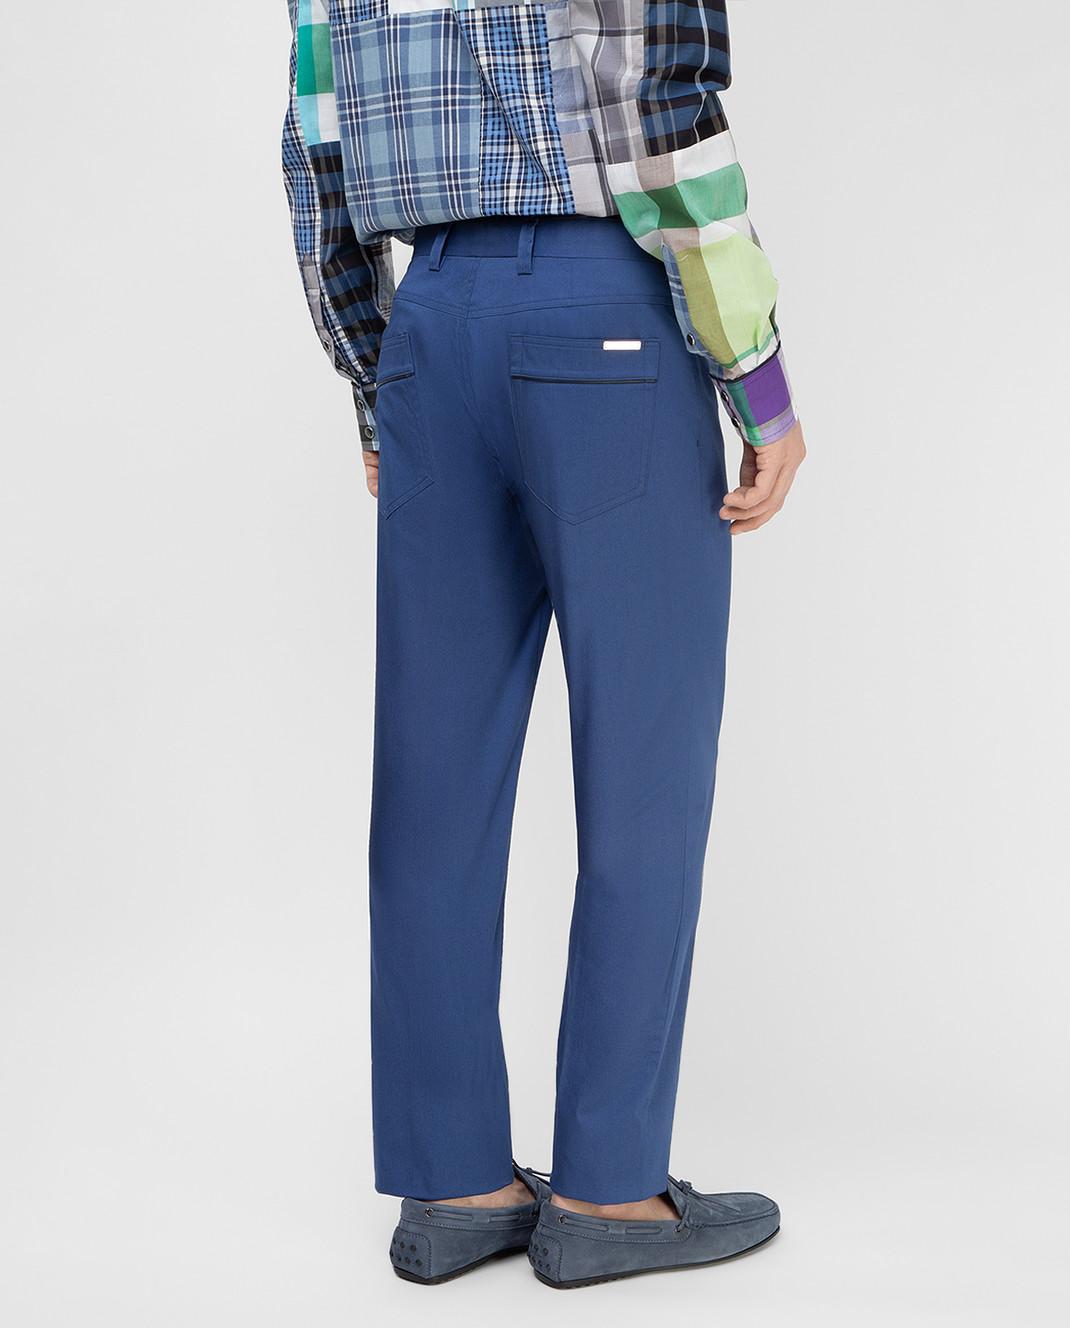 Stefano Ricci Синие брюки M1T8100020 изображение 4